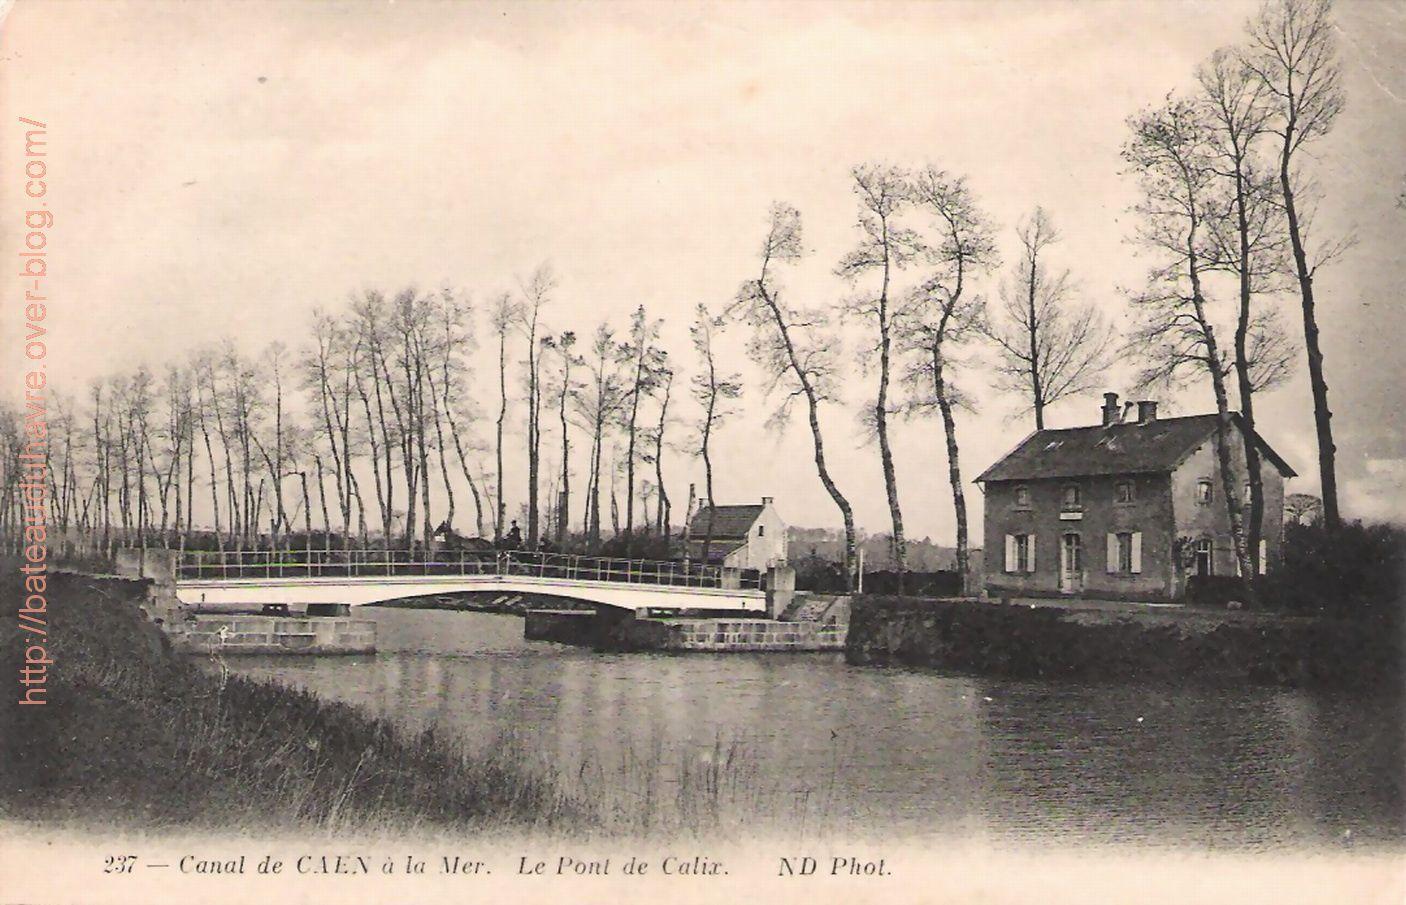 PONT DE CALIX